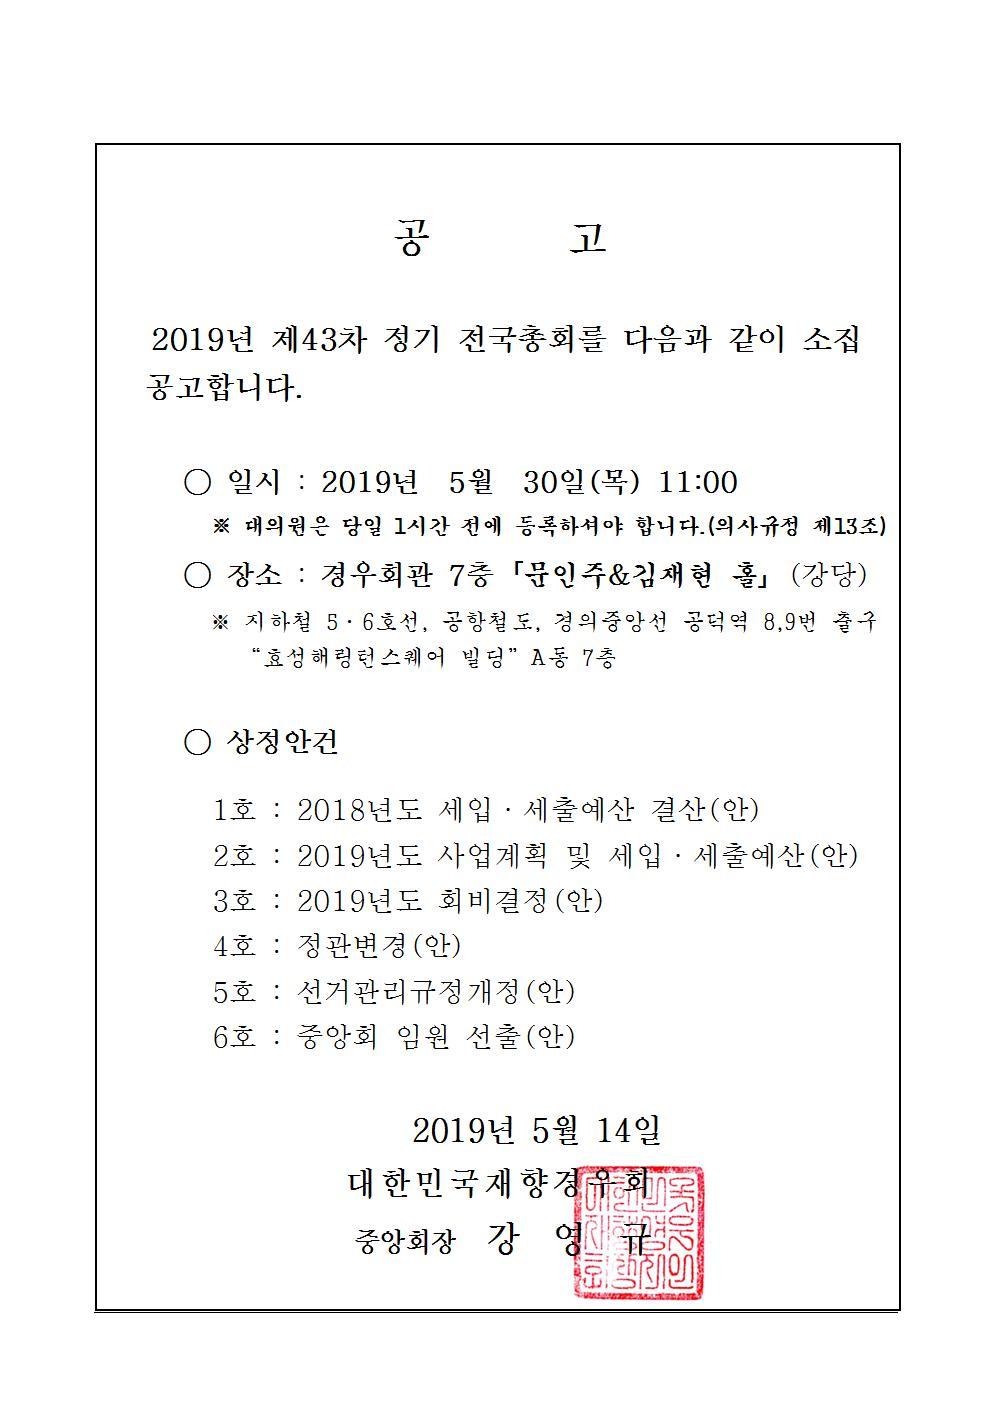 1-2)제43차 전국정기총회 공고.jpg